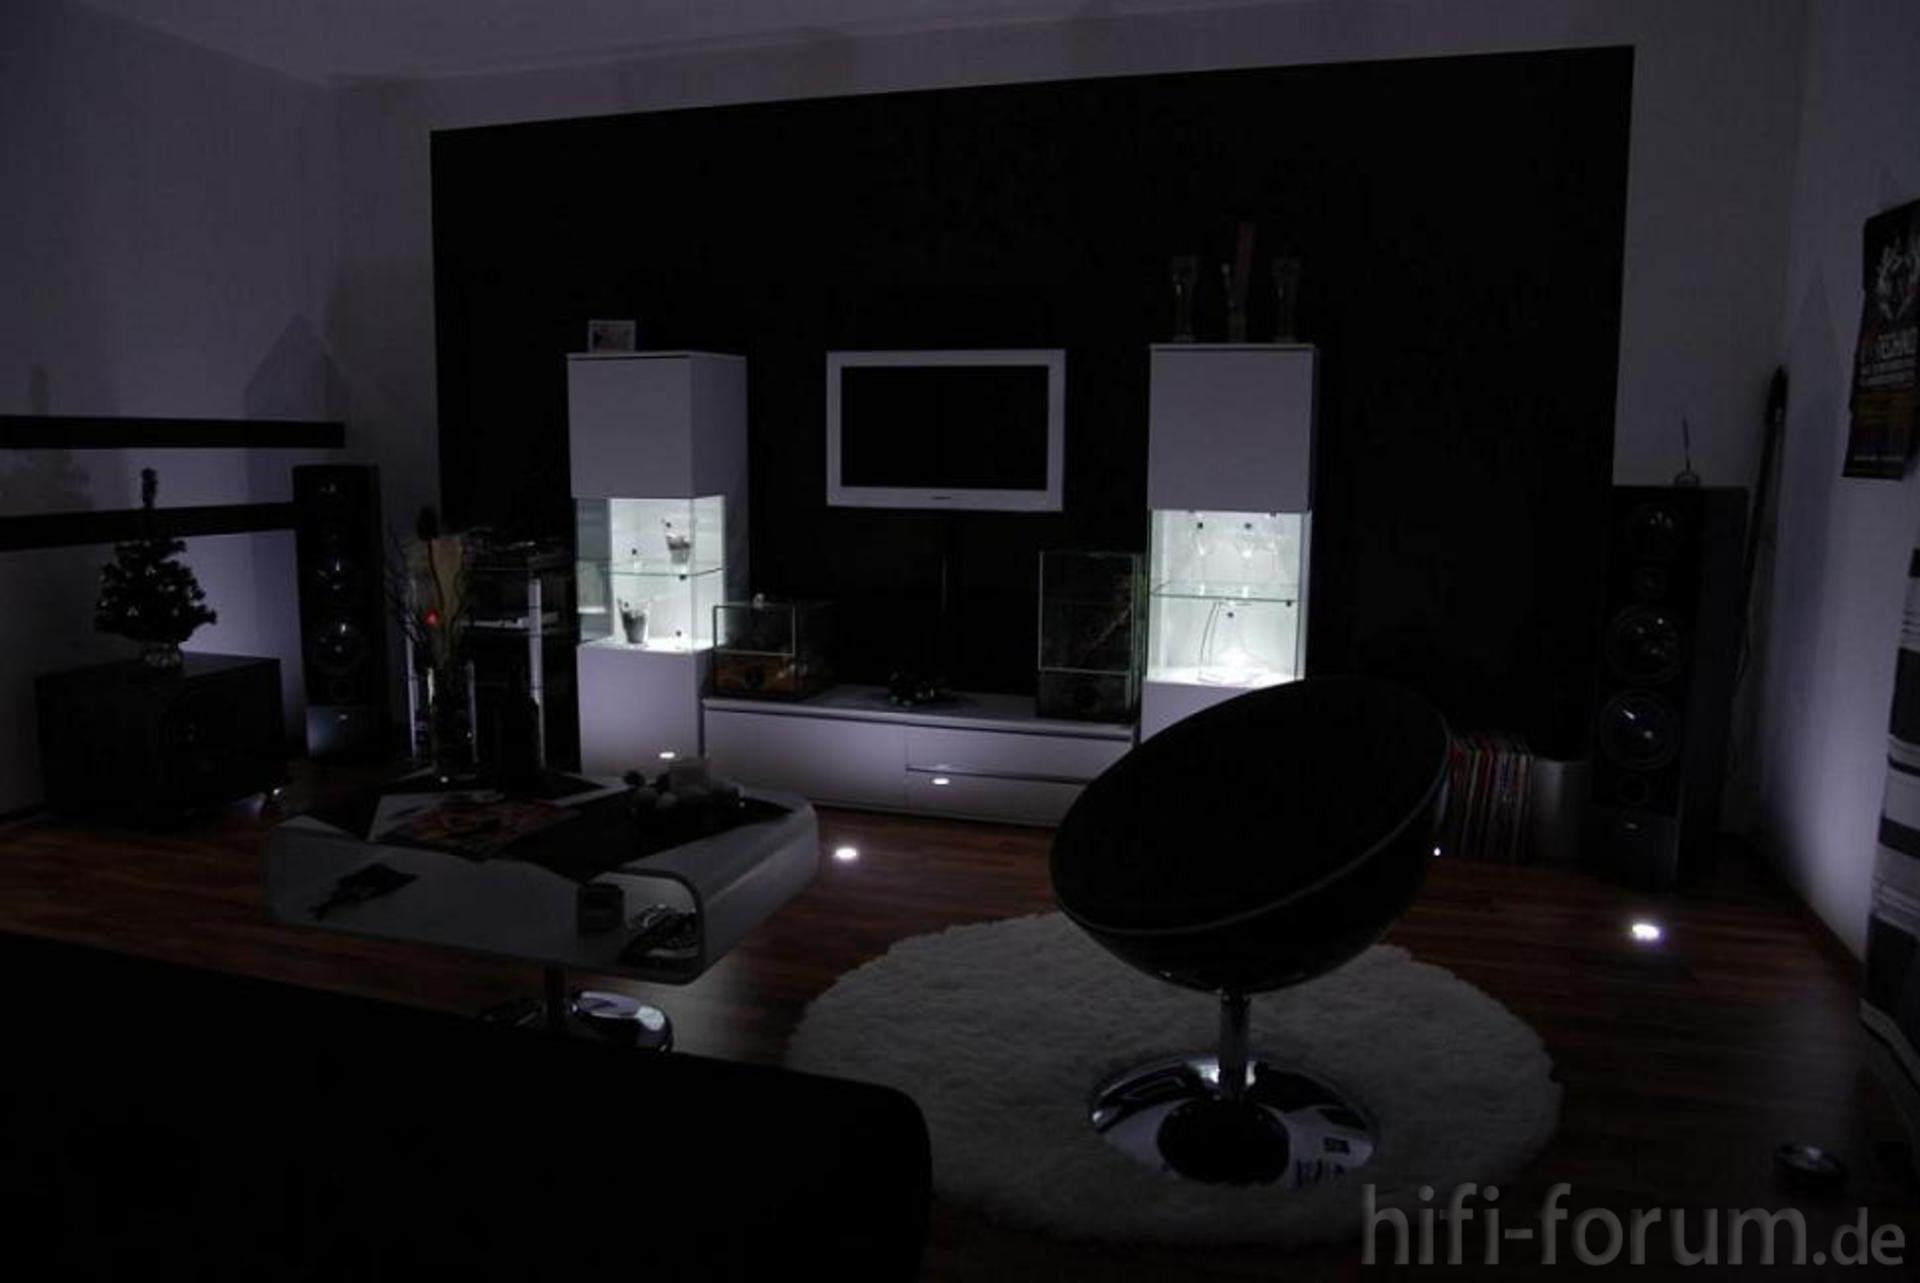 meine erste wohnung erster h hrraum stereo wohnung hifi bildergalerie. Black Bedroom Furniture Sets. Home Design Ideas